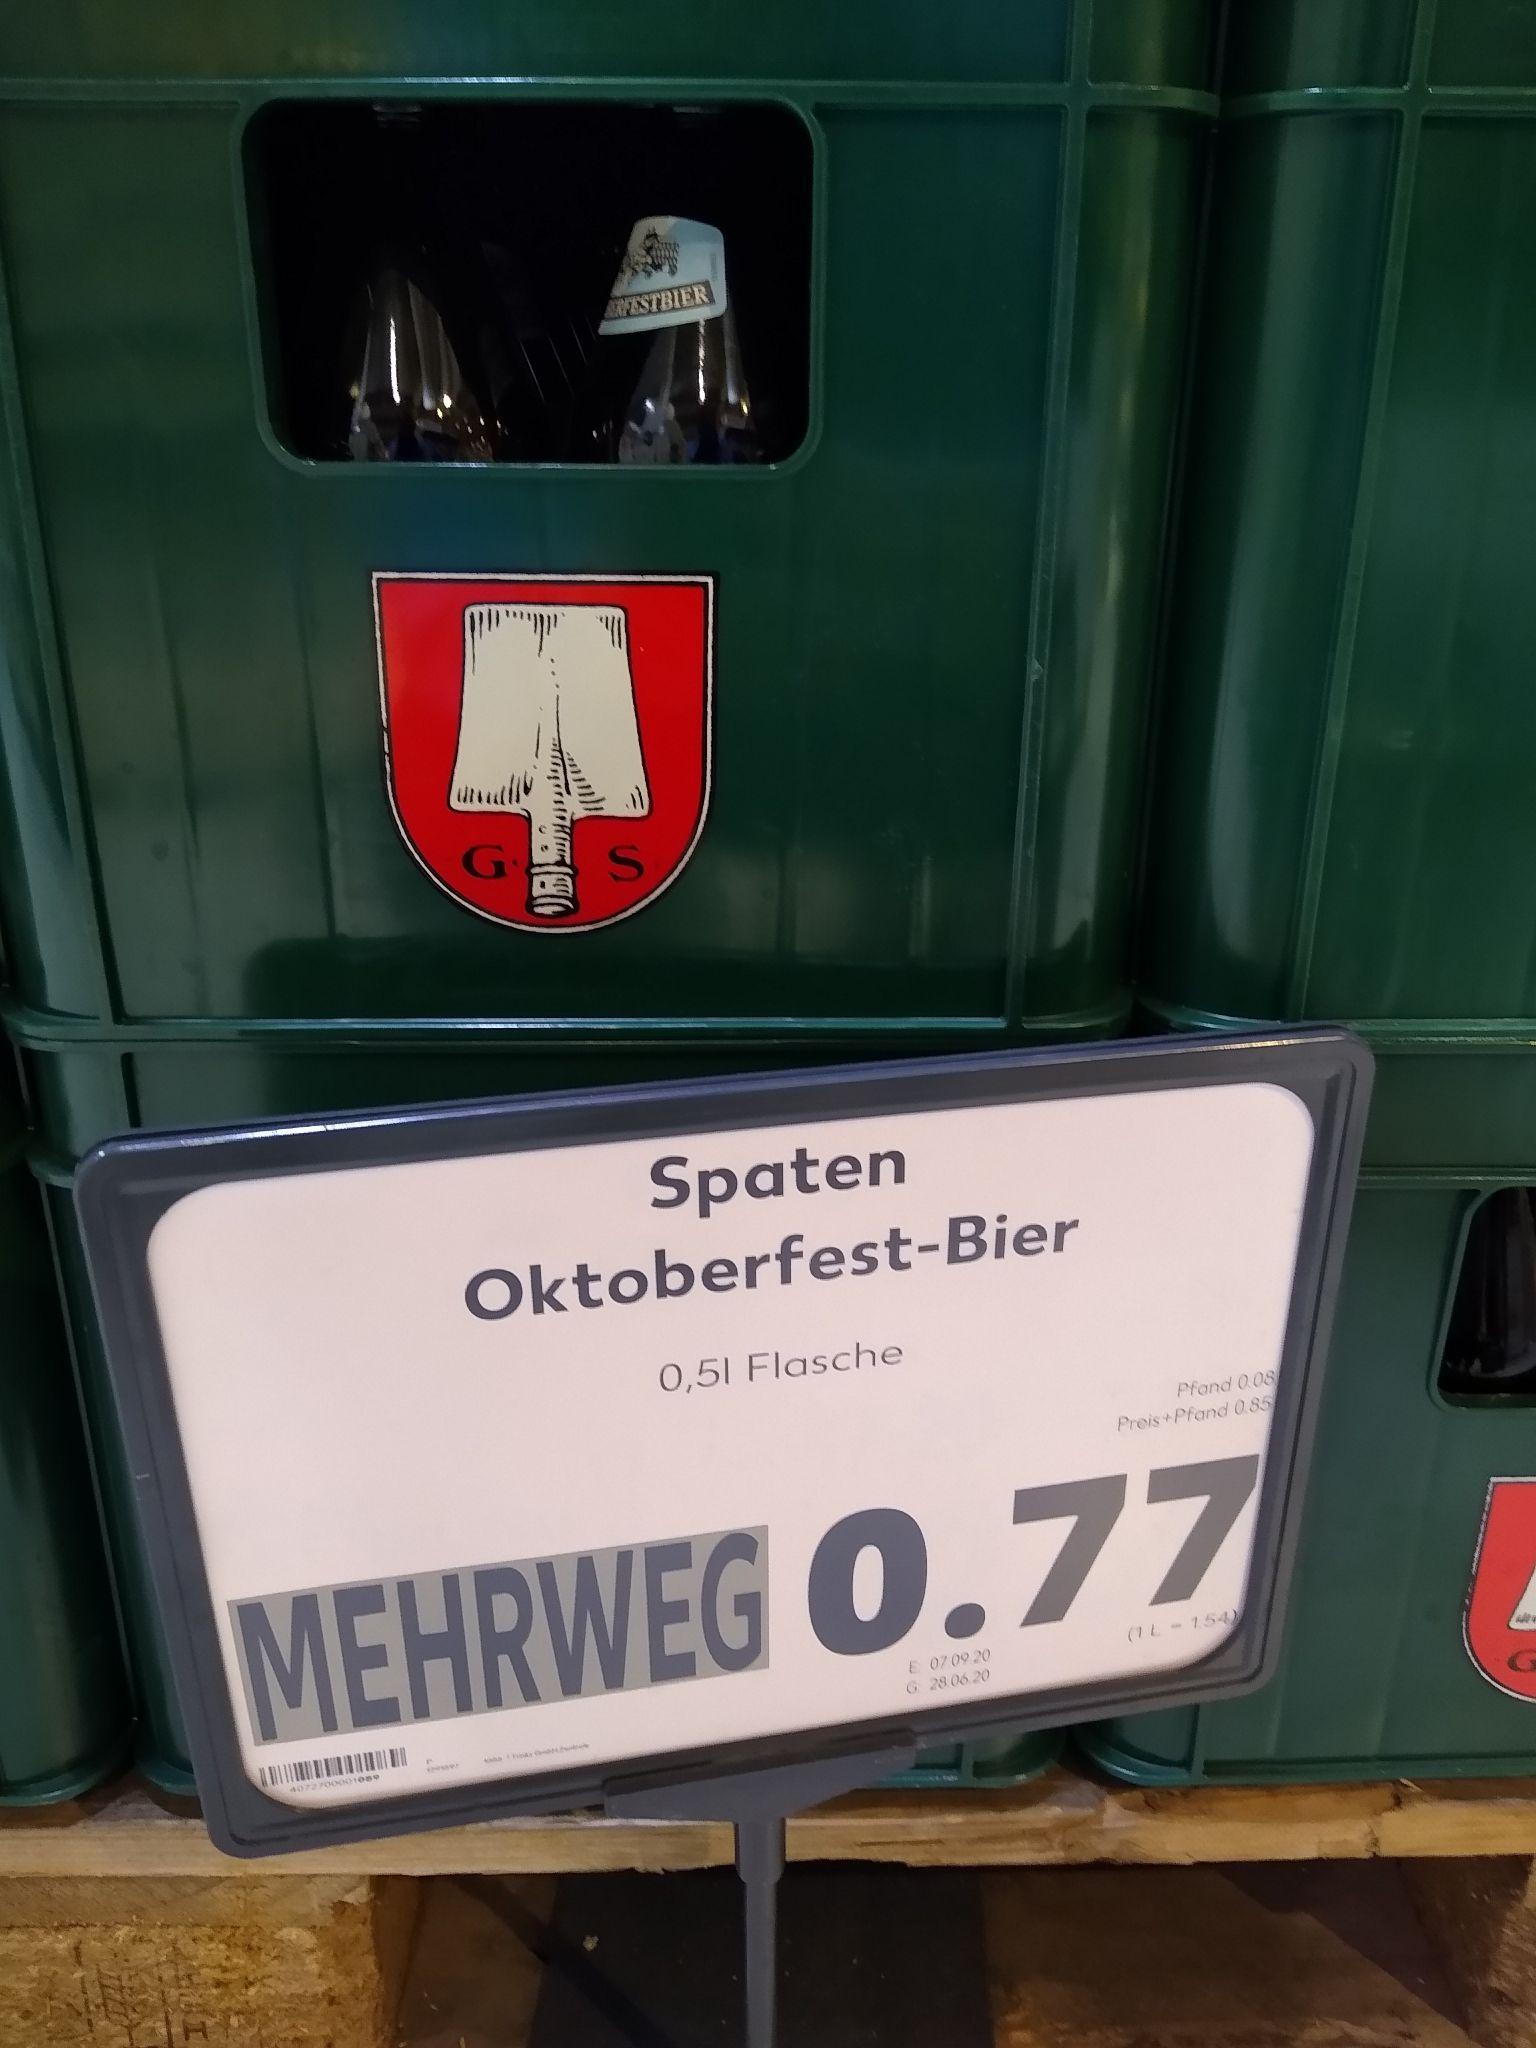 LOKAL (Kaufland Berlin) Spaten Oktoberfestbier